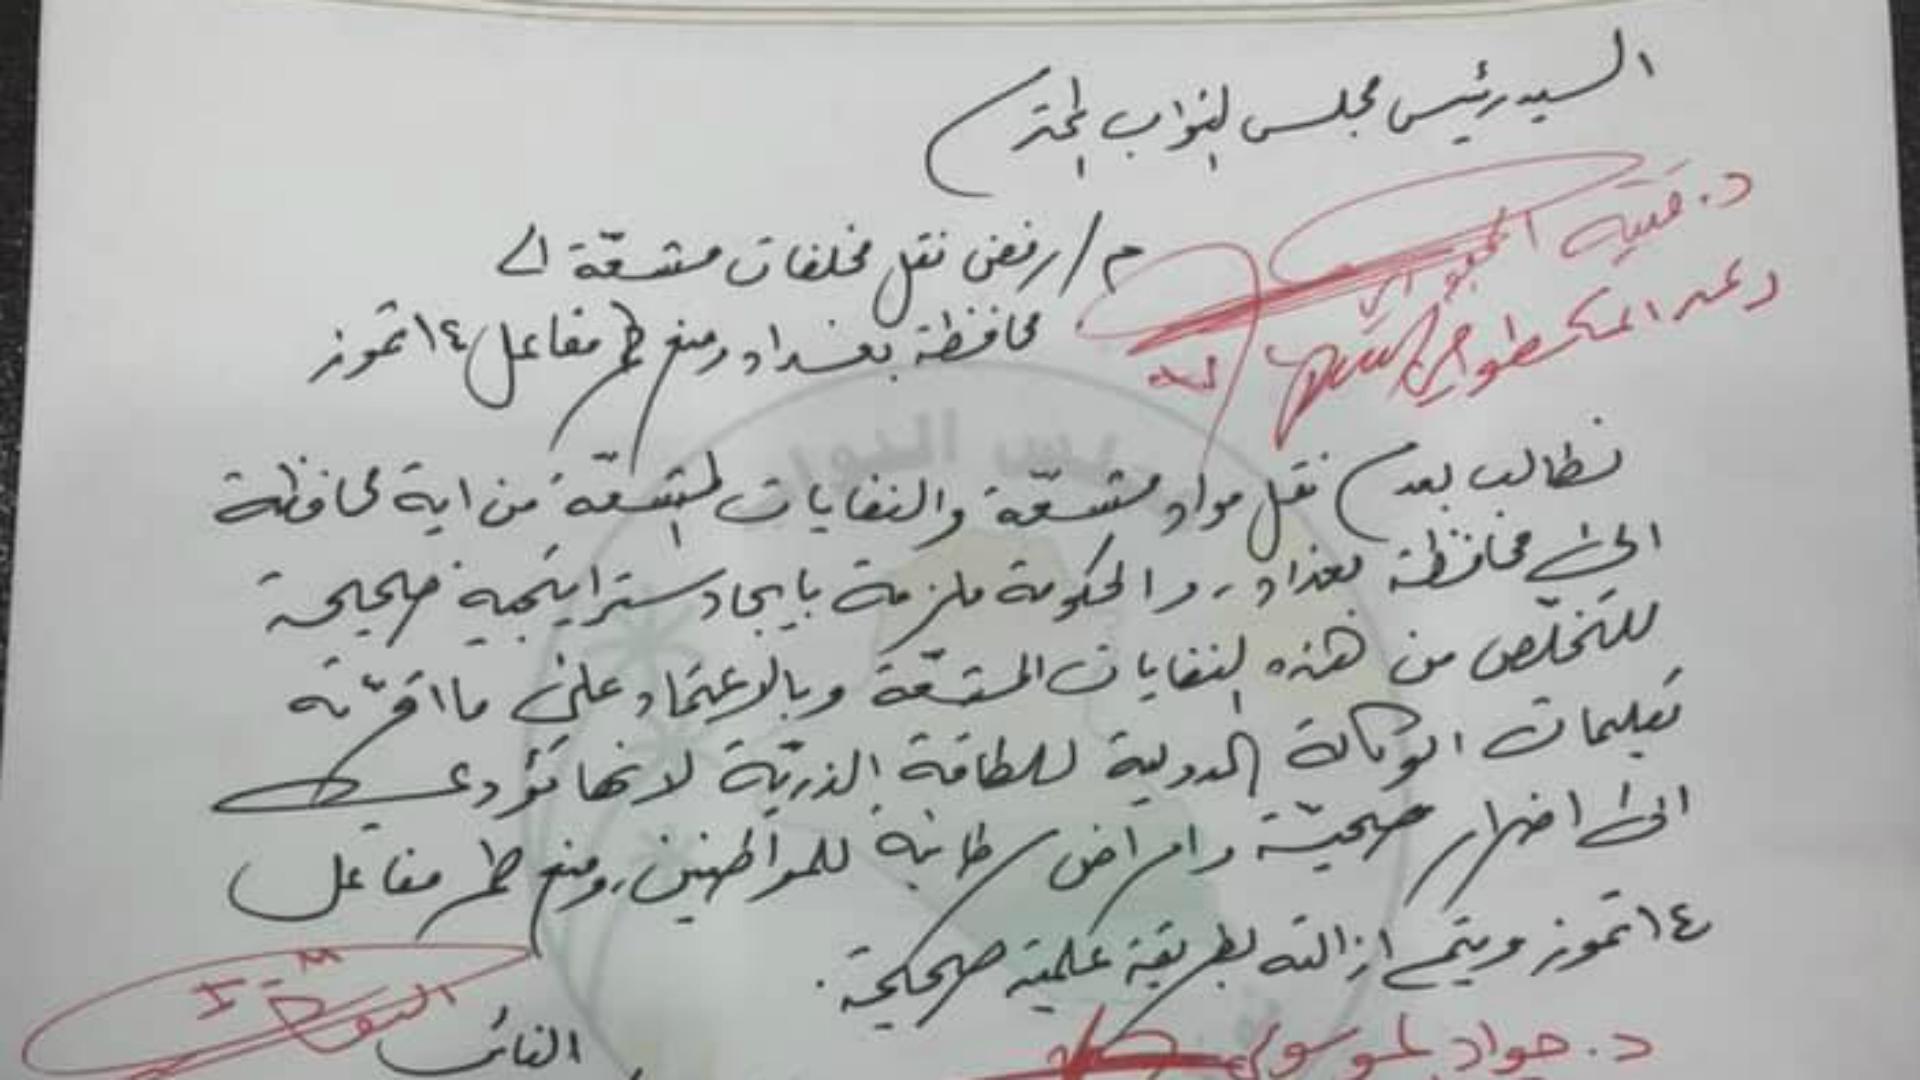 جمع عشرات التواقيع البرلمانية ضد خطة لنقل مخلفات مشعّة إلى بغداد